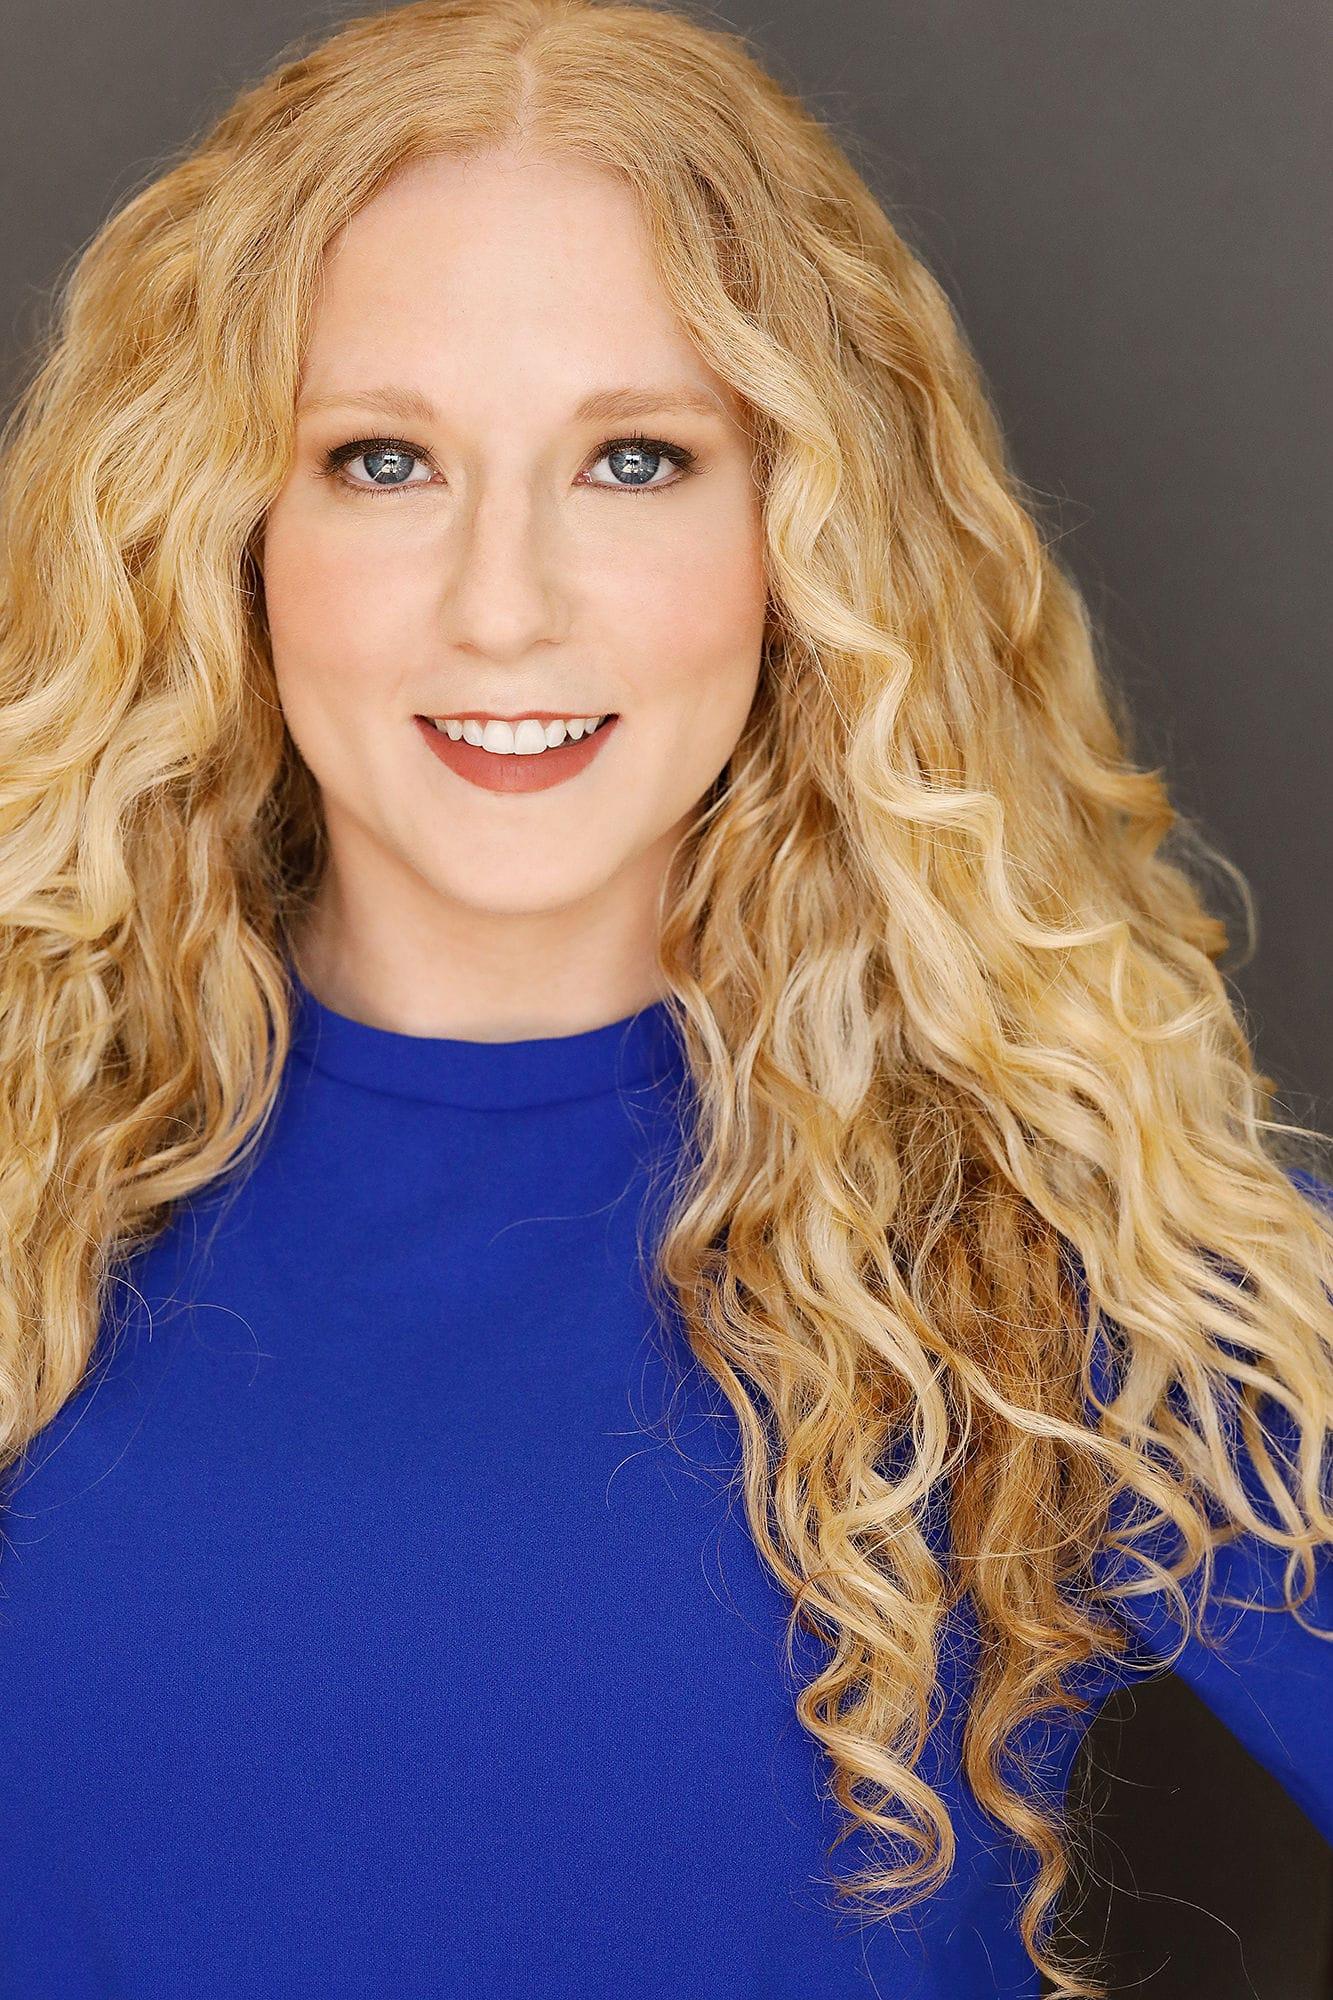 Allison Boettcher